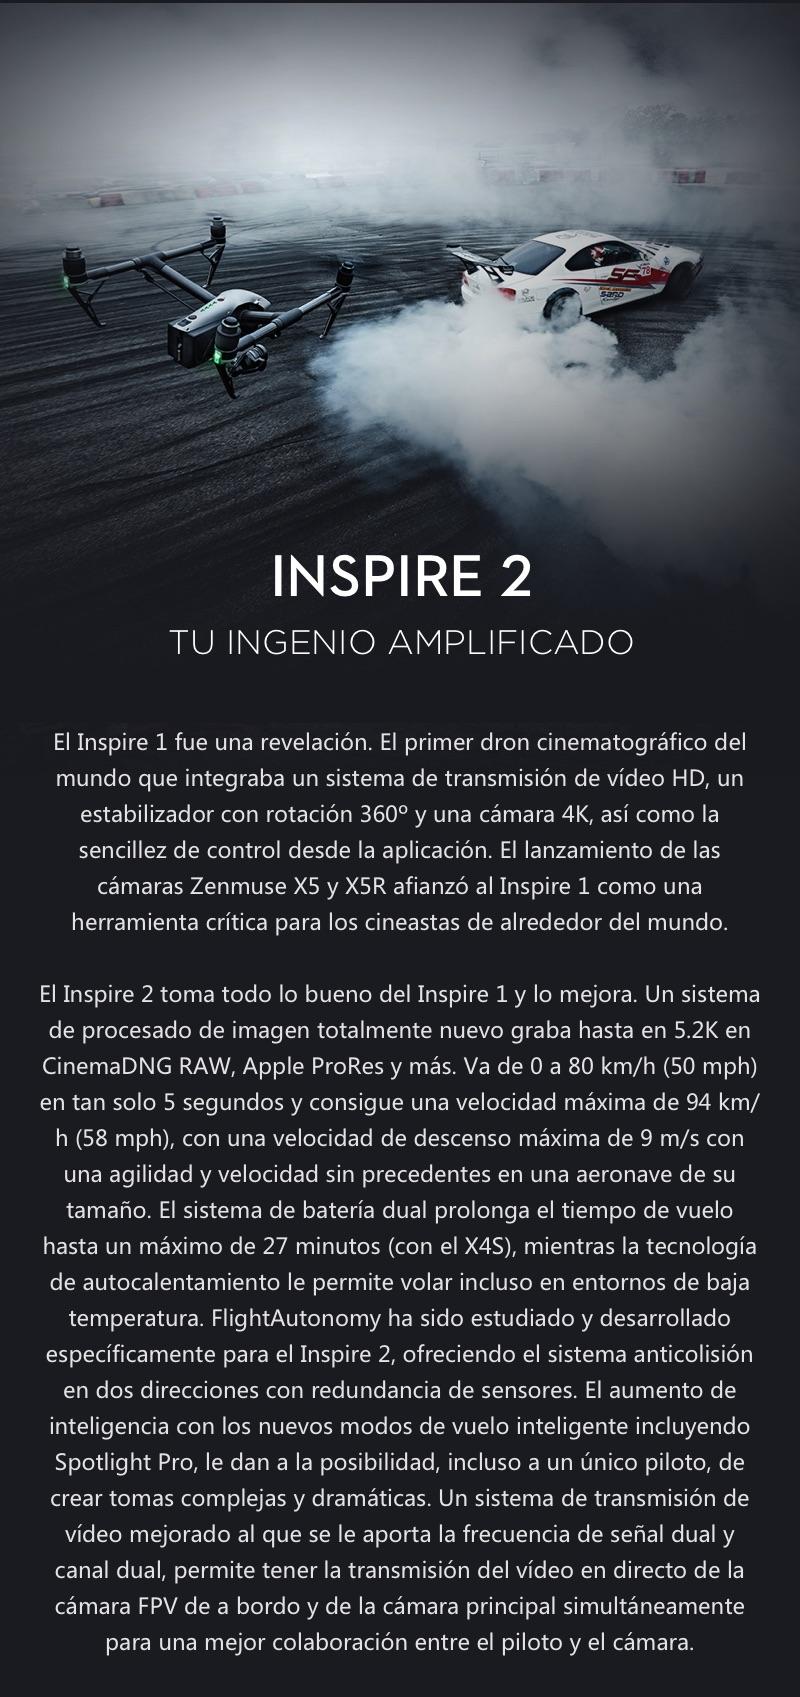 DJI Inspire 2 El primer Dron Cinematográfico 8